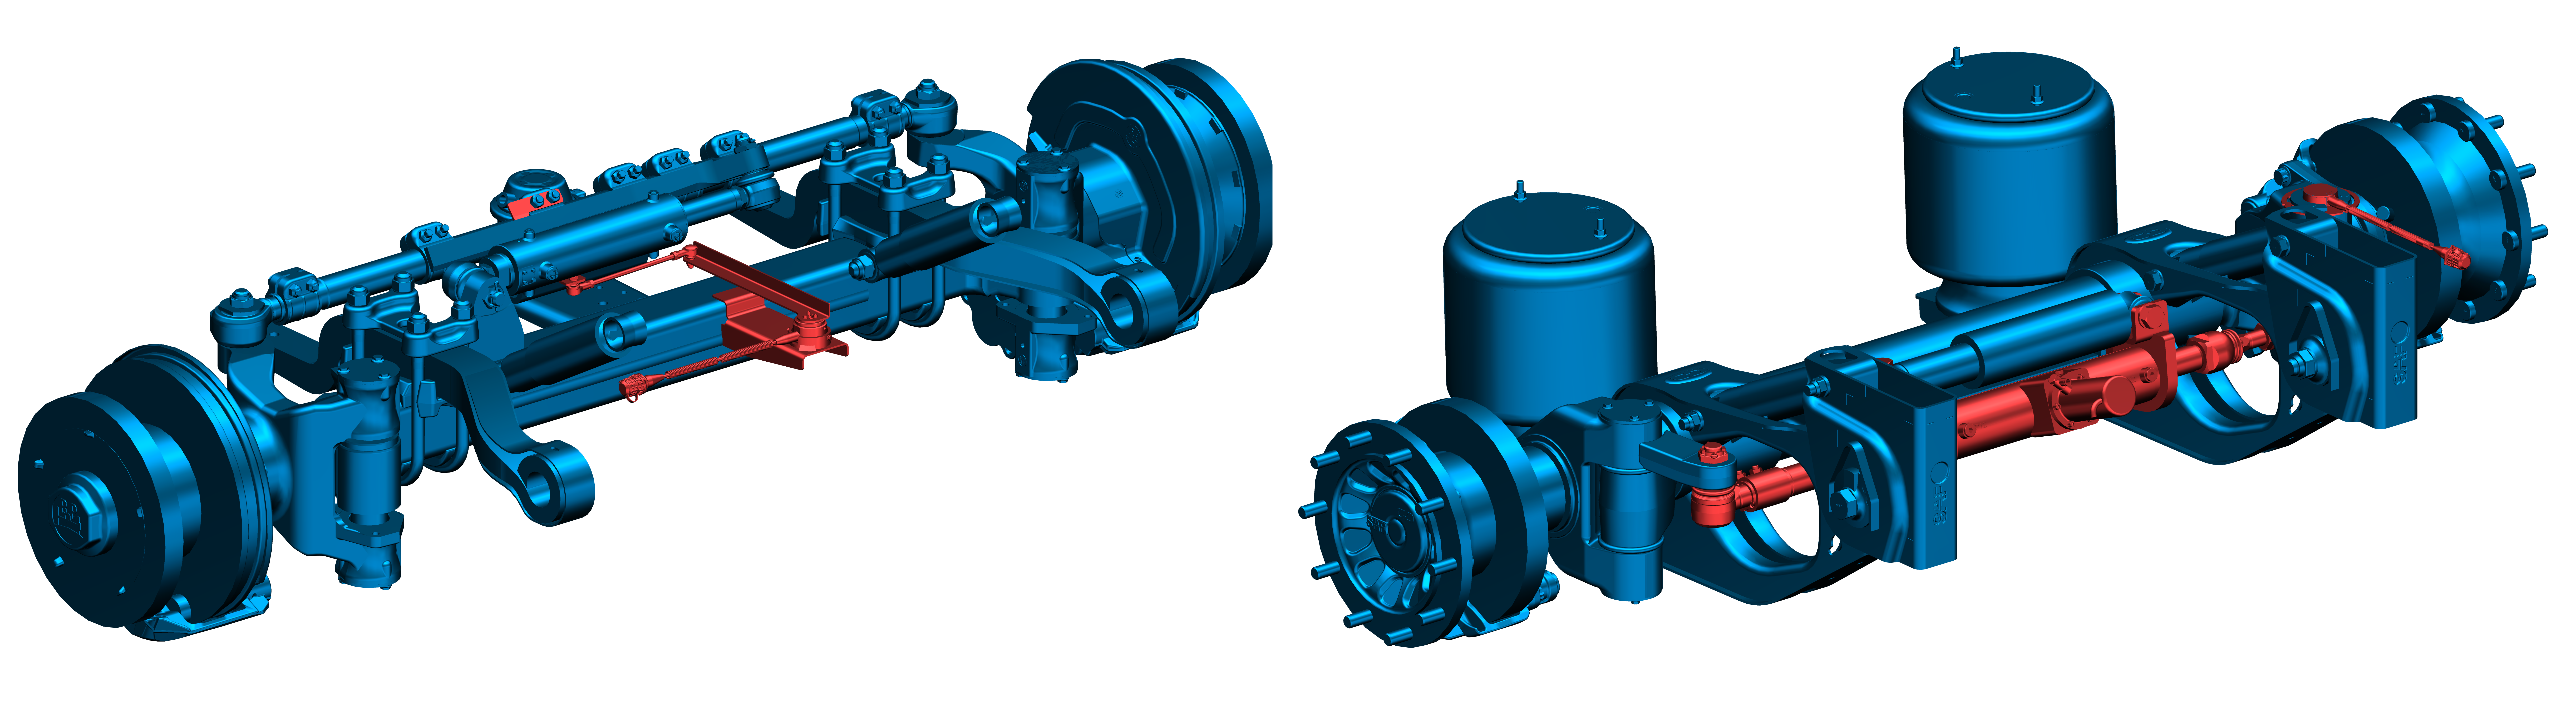 Meer voorbereide naloopassen voor VSE Smart Steering beschikbaar!